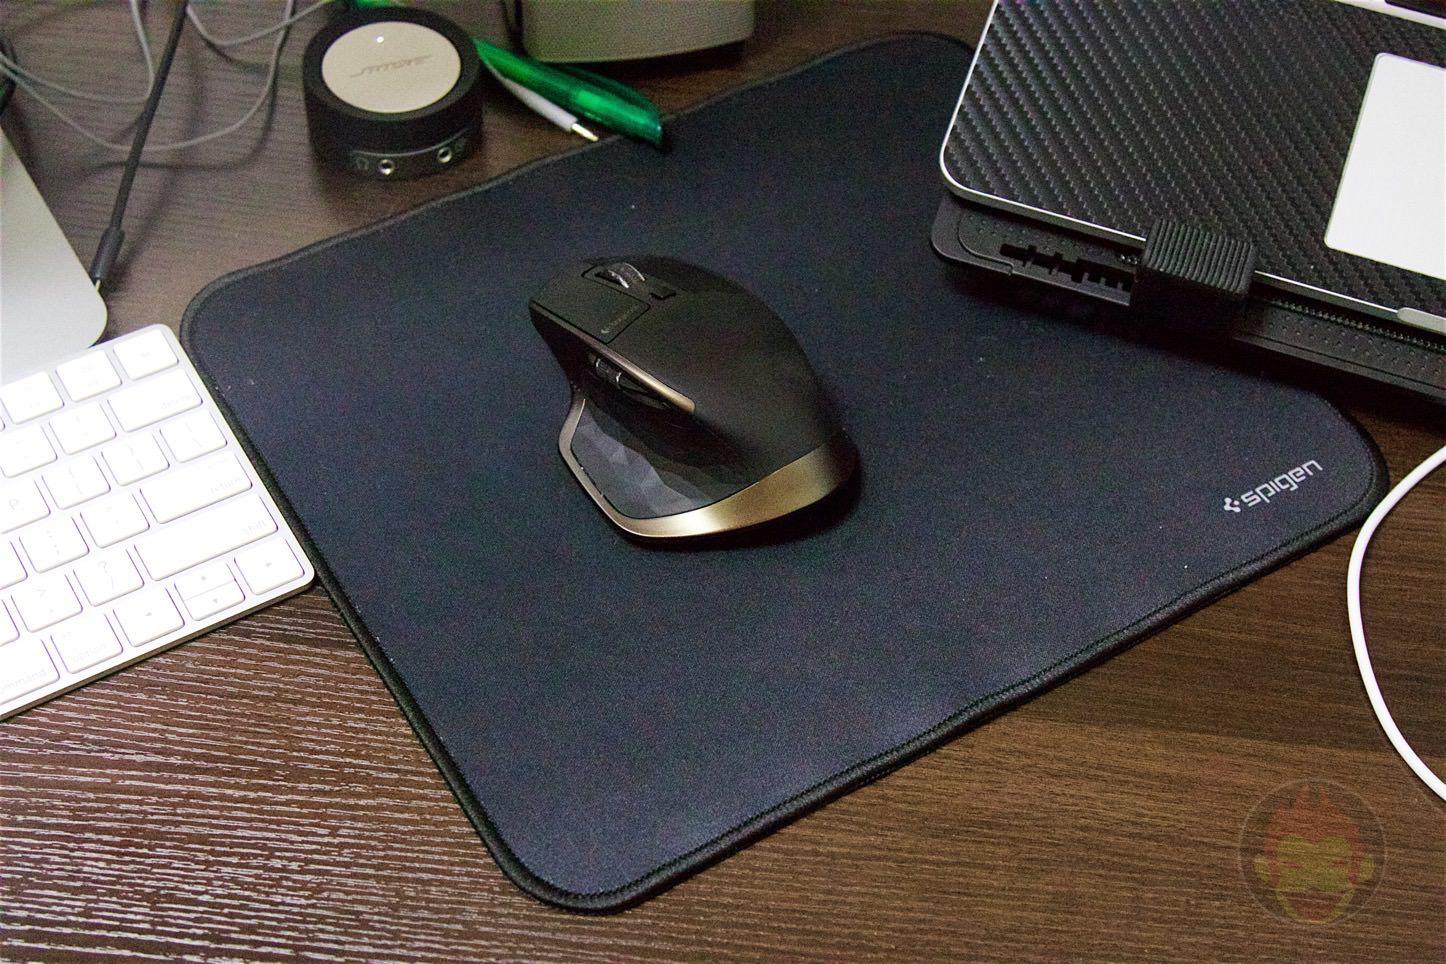 Spigen-Mouse-Pad-A100-05.jpg